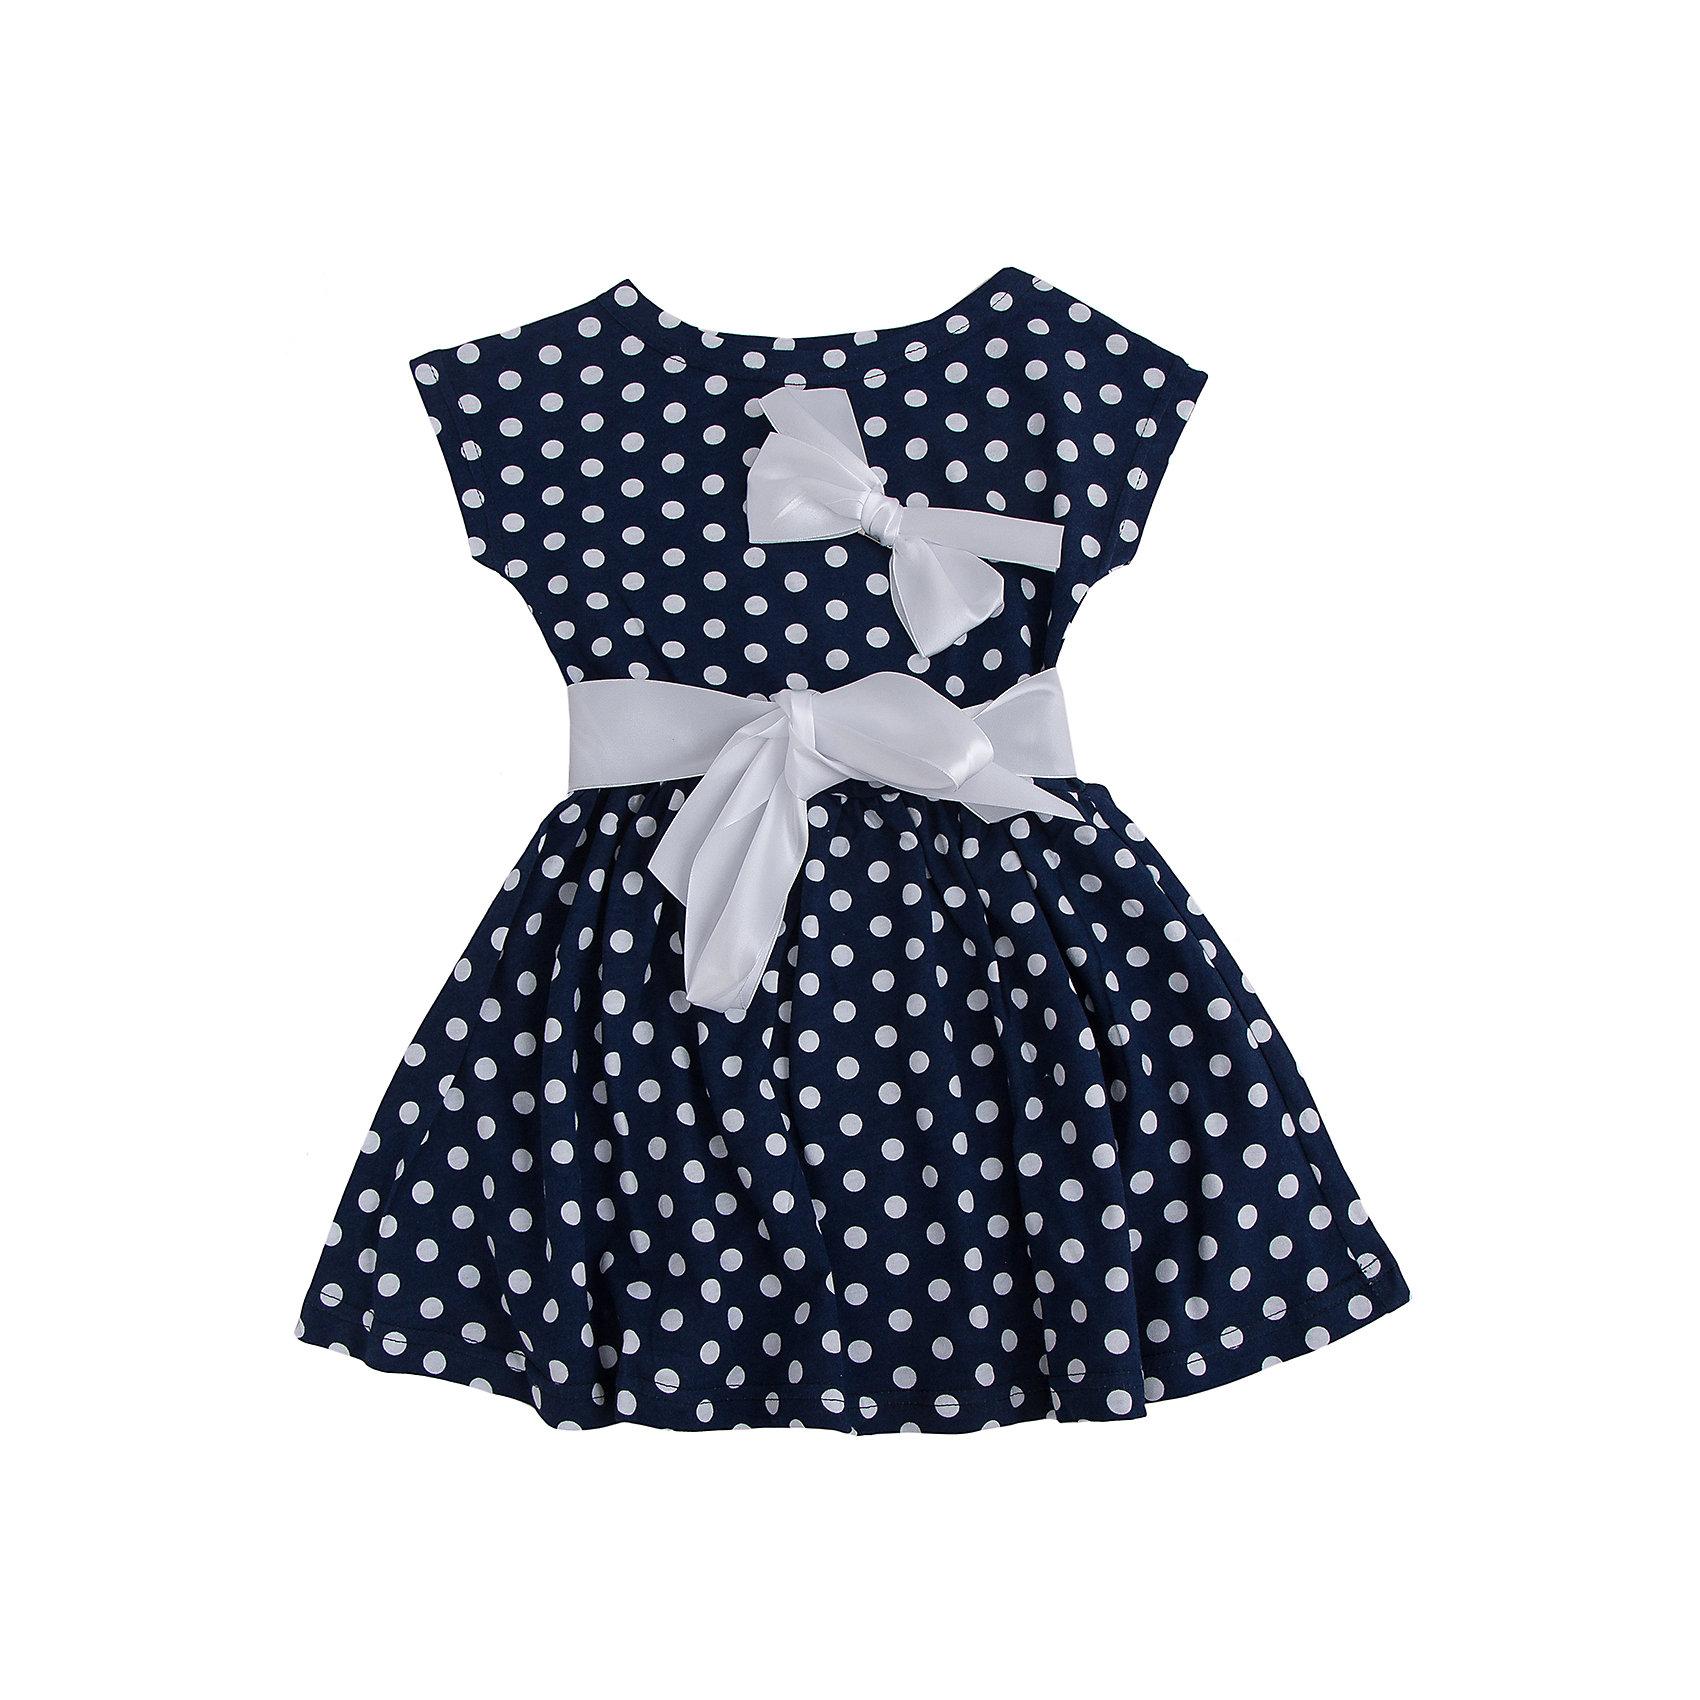 Платье АпрельПлатья и сарафаны<br>Стильное платье с короткими рукавами из хлопка, горох на синем с белым пояском и бантиком привлечет внимание окружающих. Приятное к телу, подарит комфорт в жаркое лето. Отличный вариант для летней прогулки, а аксессуары завершат образ.<br><br>Дополнительная информация: <br><br>- состав: 92% хлопок, 8% лайкра.<br>- уход: ручная или машинная стирка при температуре не более 40°с.<br>- цвет: белый, синий<br>- вырез горловины: округлый вырез<br>- декоративные элементы: банты<br>- длина изделия: по спинке: 57 см; до талии: 22 см<br>- ширина рукава короткие: пройма: 11 см<br>- вид застежки: без застежки<br>- особенности ткани: мягкая<br>- материал подкладки: хлопок<br>- сезон: лето<br>- пол: девочки<br>- фирма-производитель: Апрель<br>- страна бренда: Россия<br>- комплектация: пояс, платье, бант<br><br>Платье  от торговой марки Апрель можно купить в нашем интернет-магазине.<br><br>Ширина мм: 236<br>Глубина мм: 16<br>Высота мм: 184<br>Вес г: 177<br>Цвет: разноцветный<br>Возраст от месяцев: 60<br>Возраст до месяцев: 72<br>Пол: Женский<br>Возраст: Детский<br>Размер: 116,104,98,134,140,128,122,110<br>SKU: 4630586